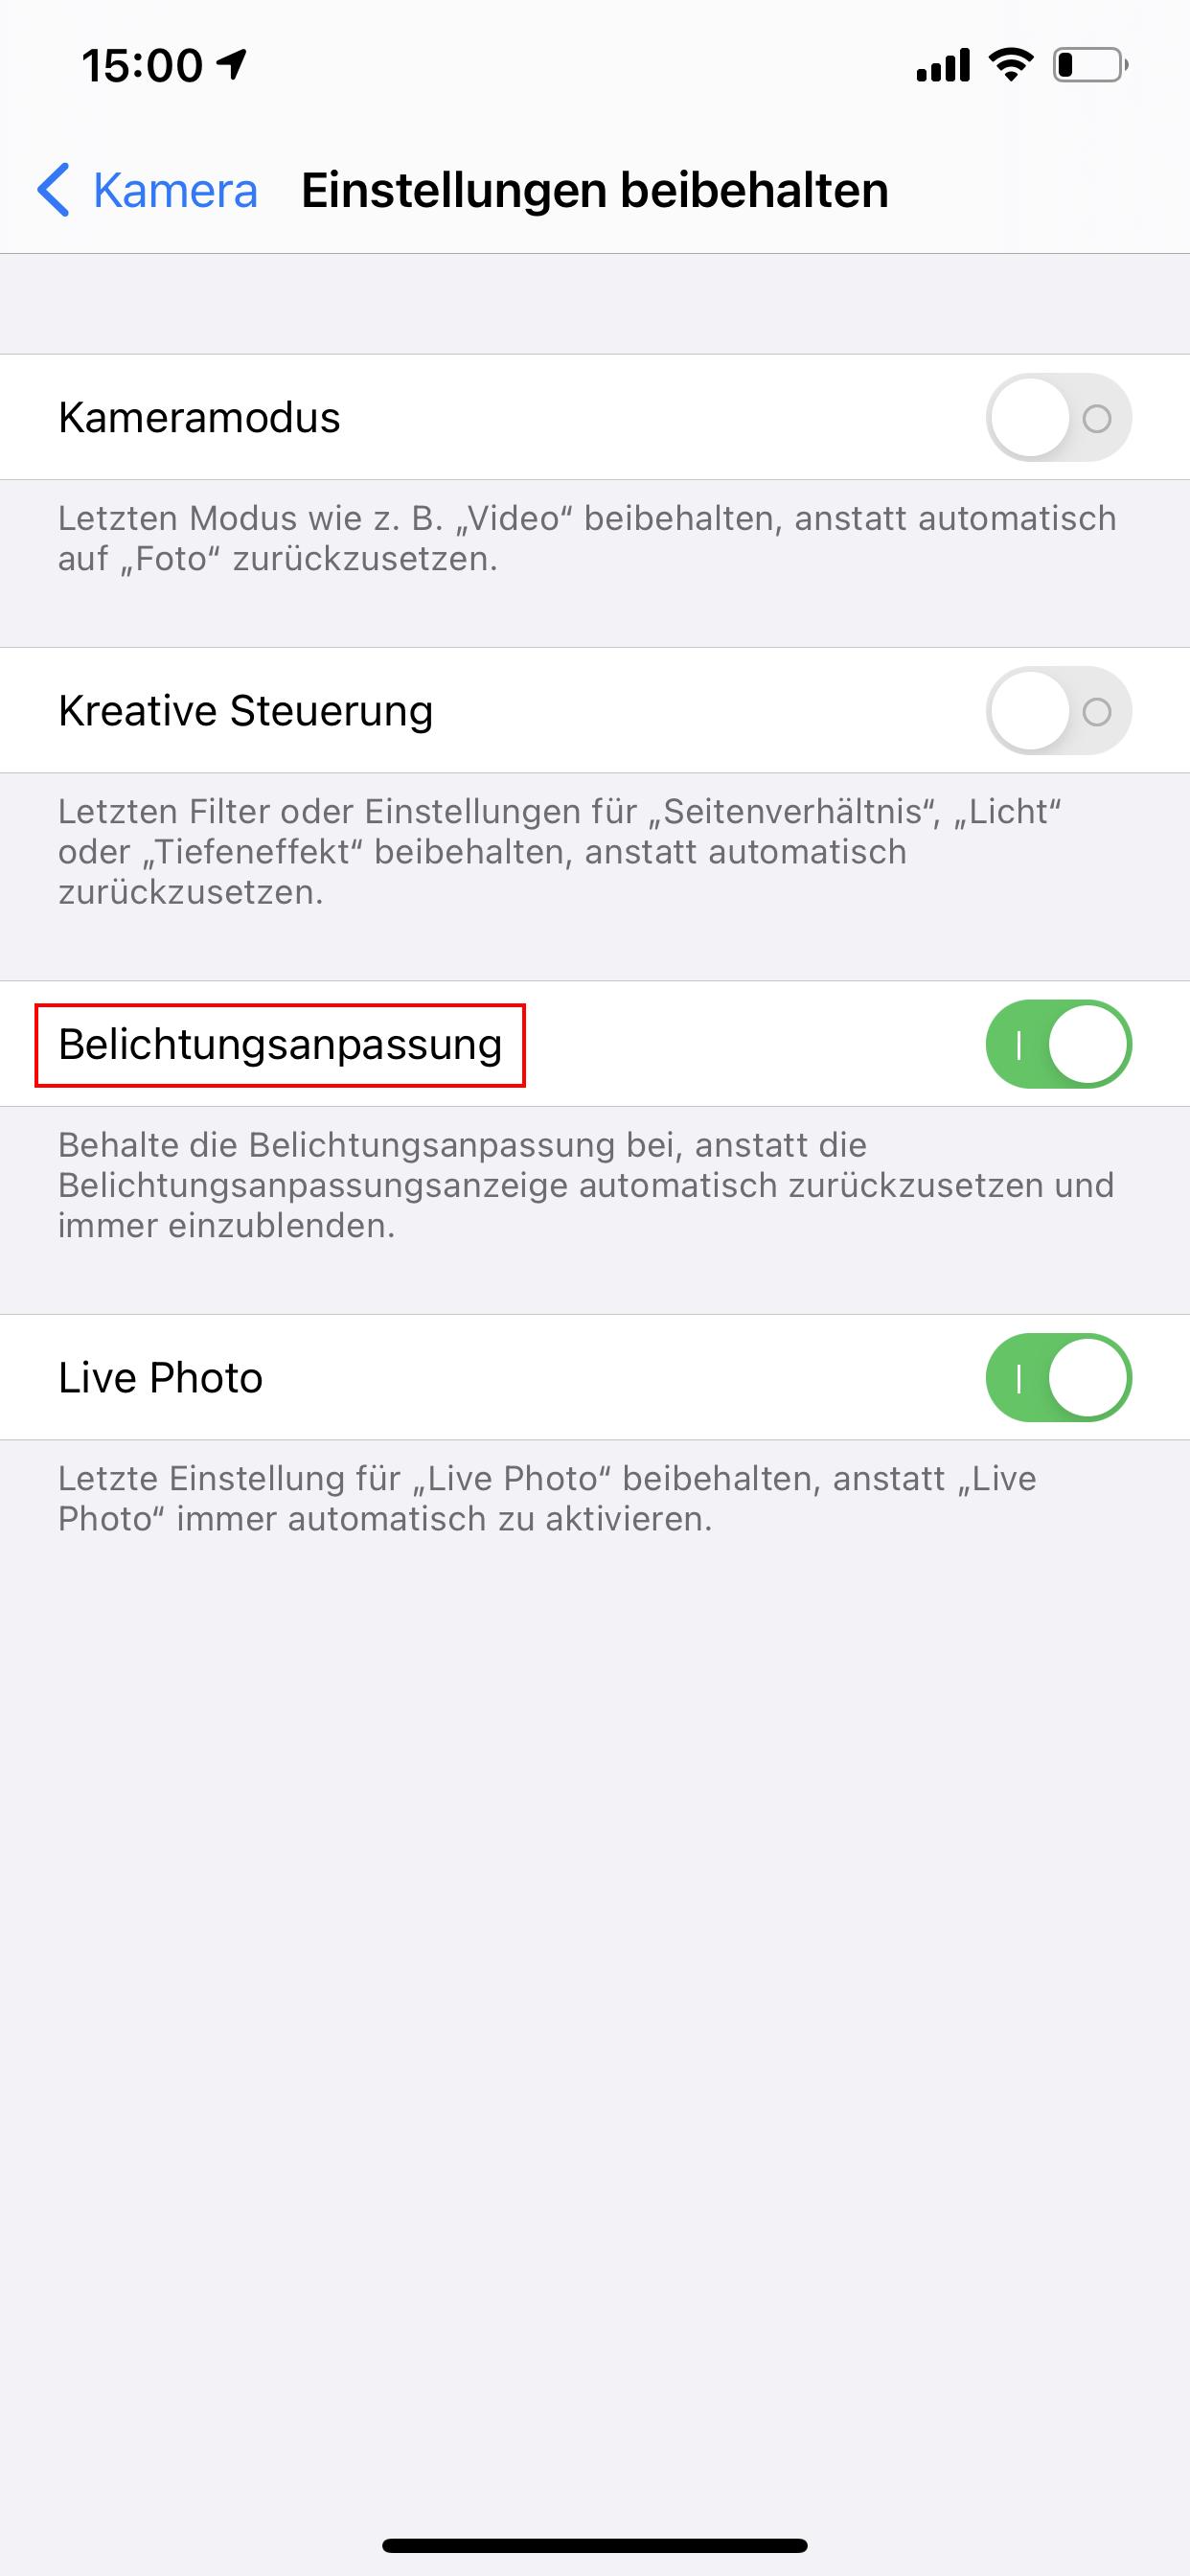 iOS 14 - Belichtungsanpassung beibehalten